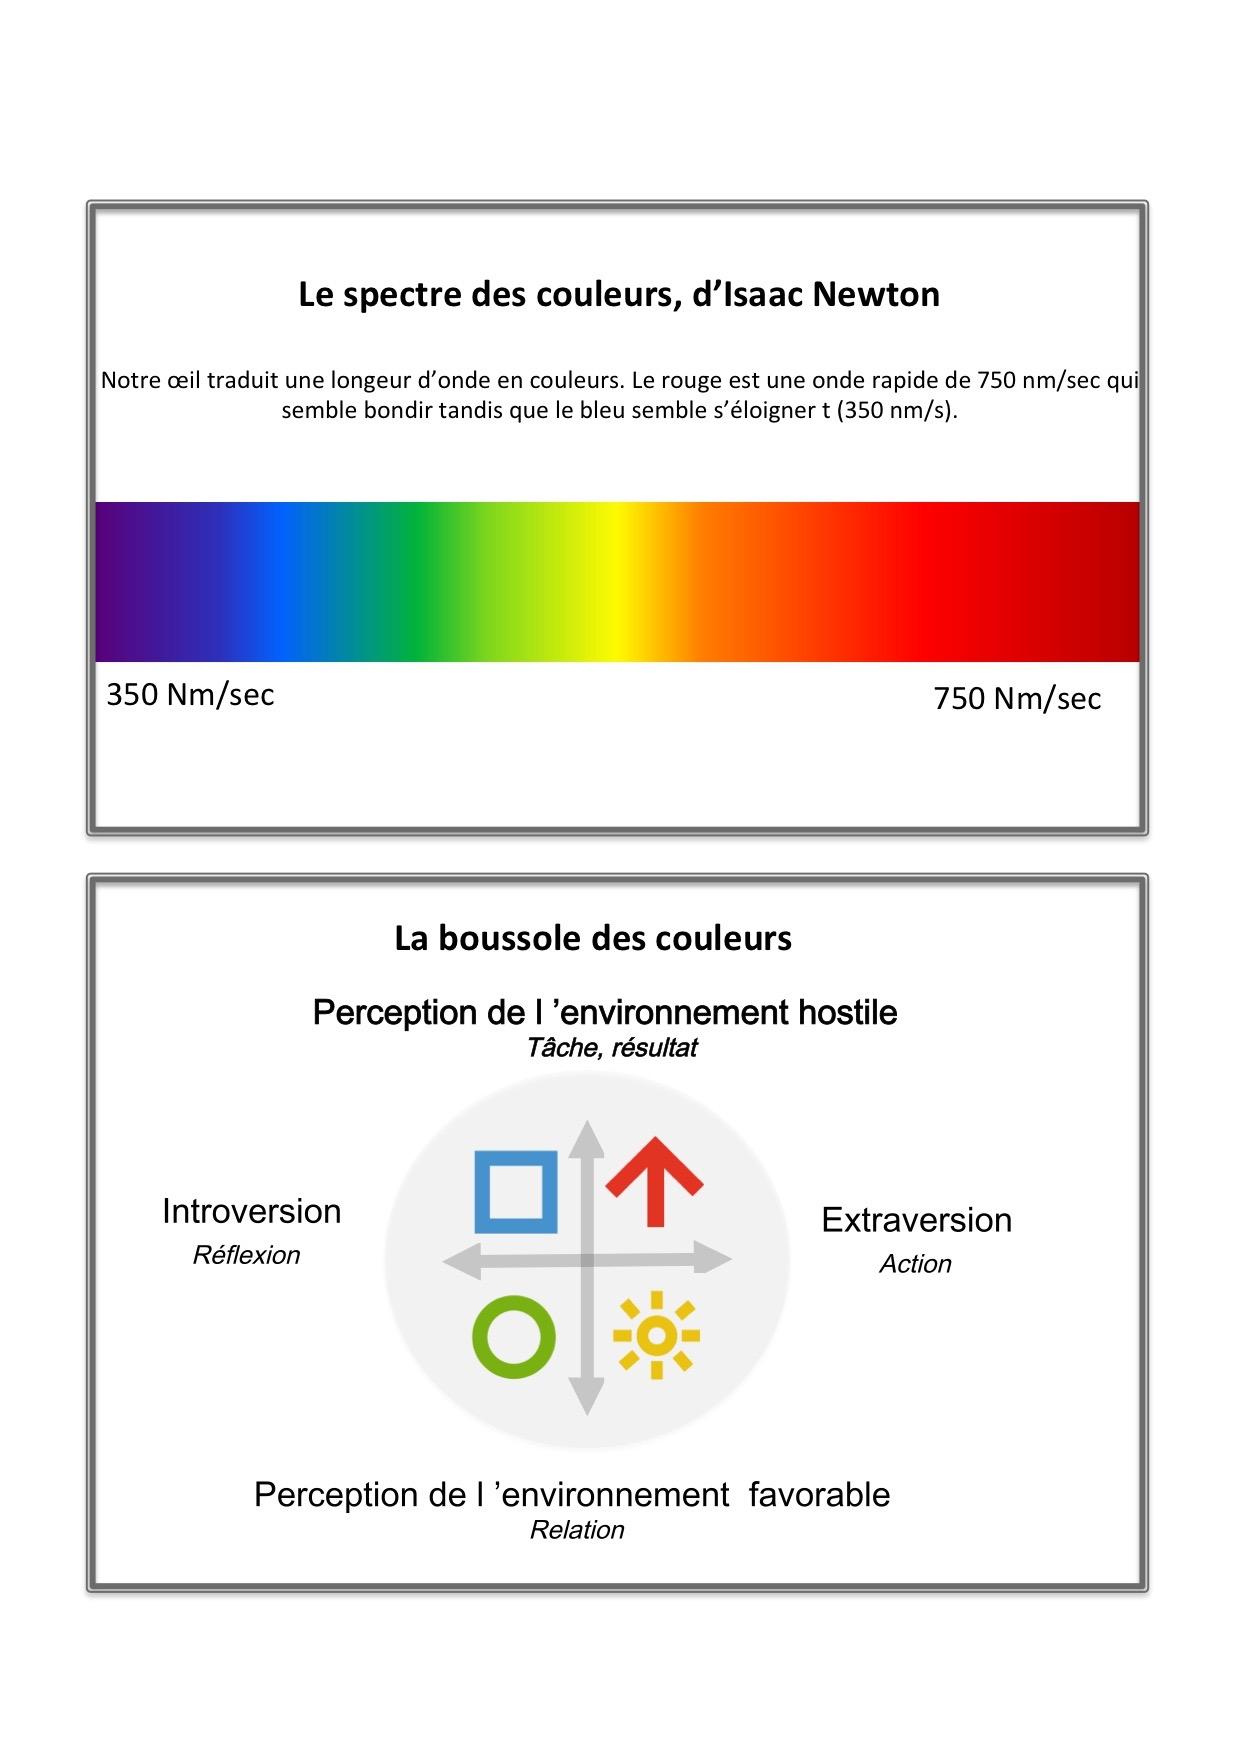 Boussole des couleurs